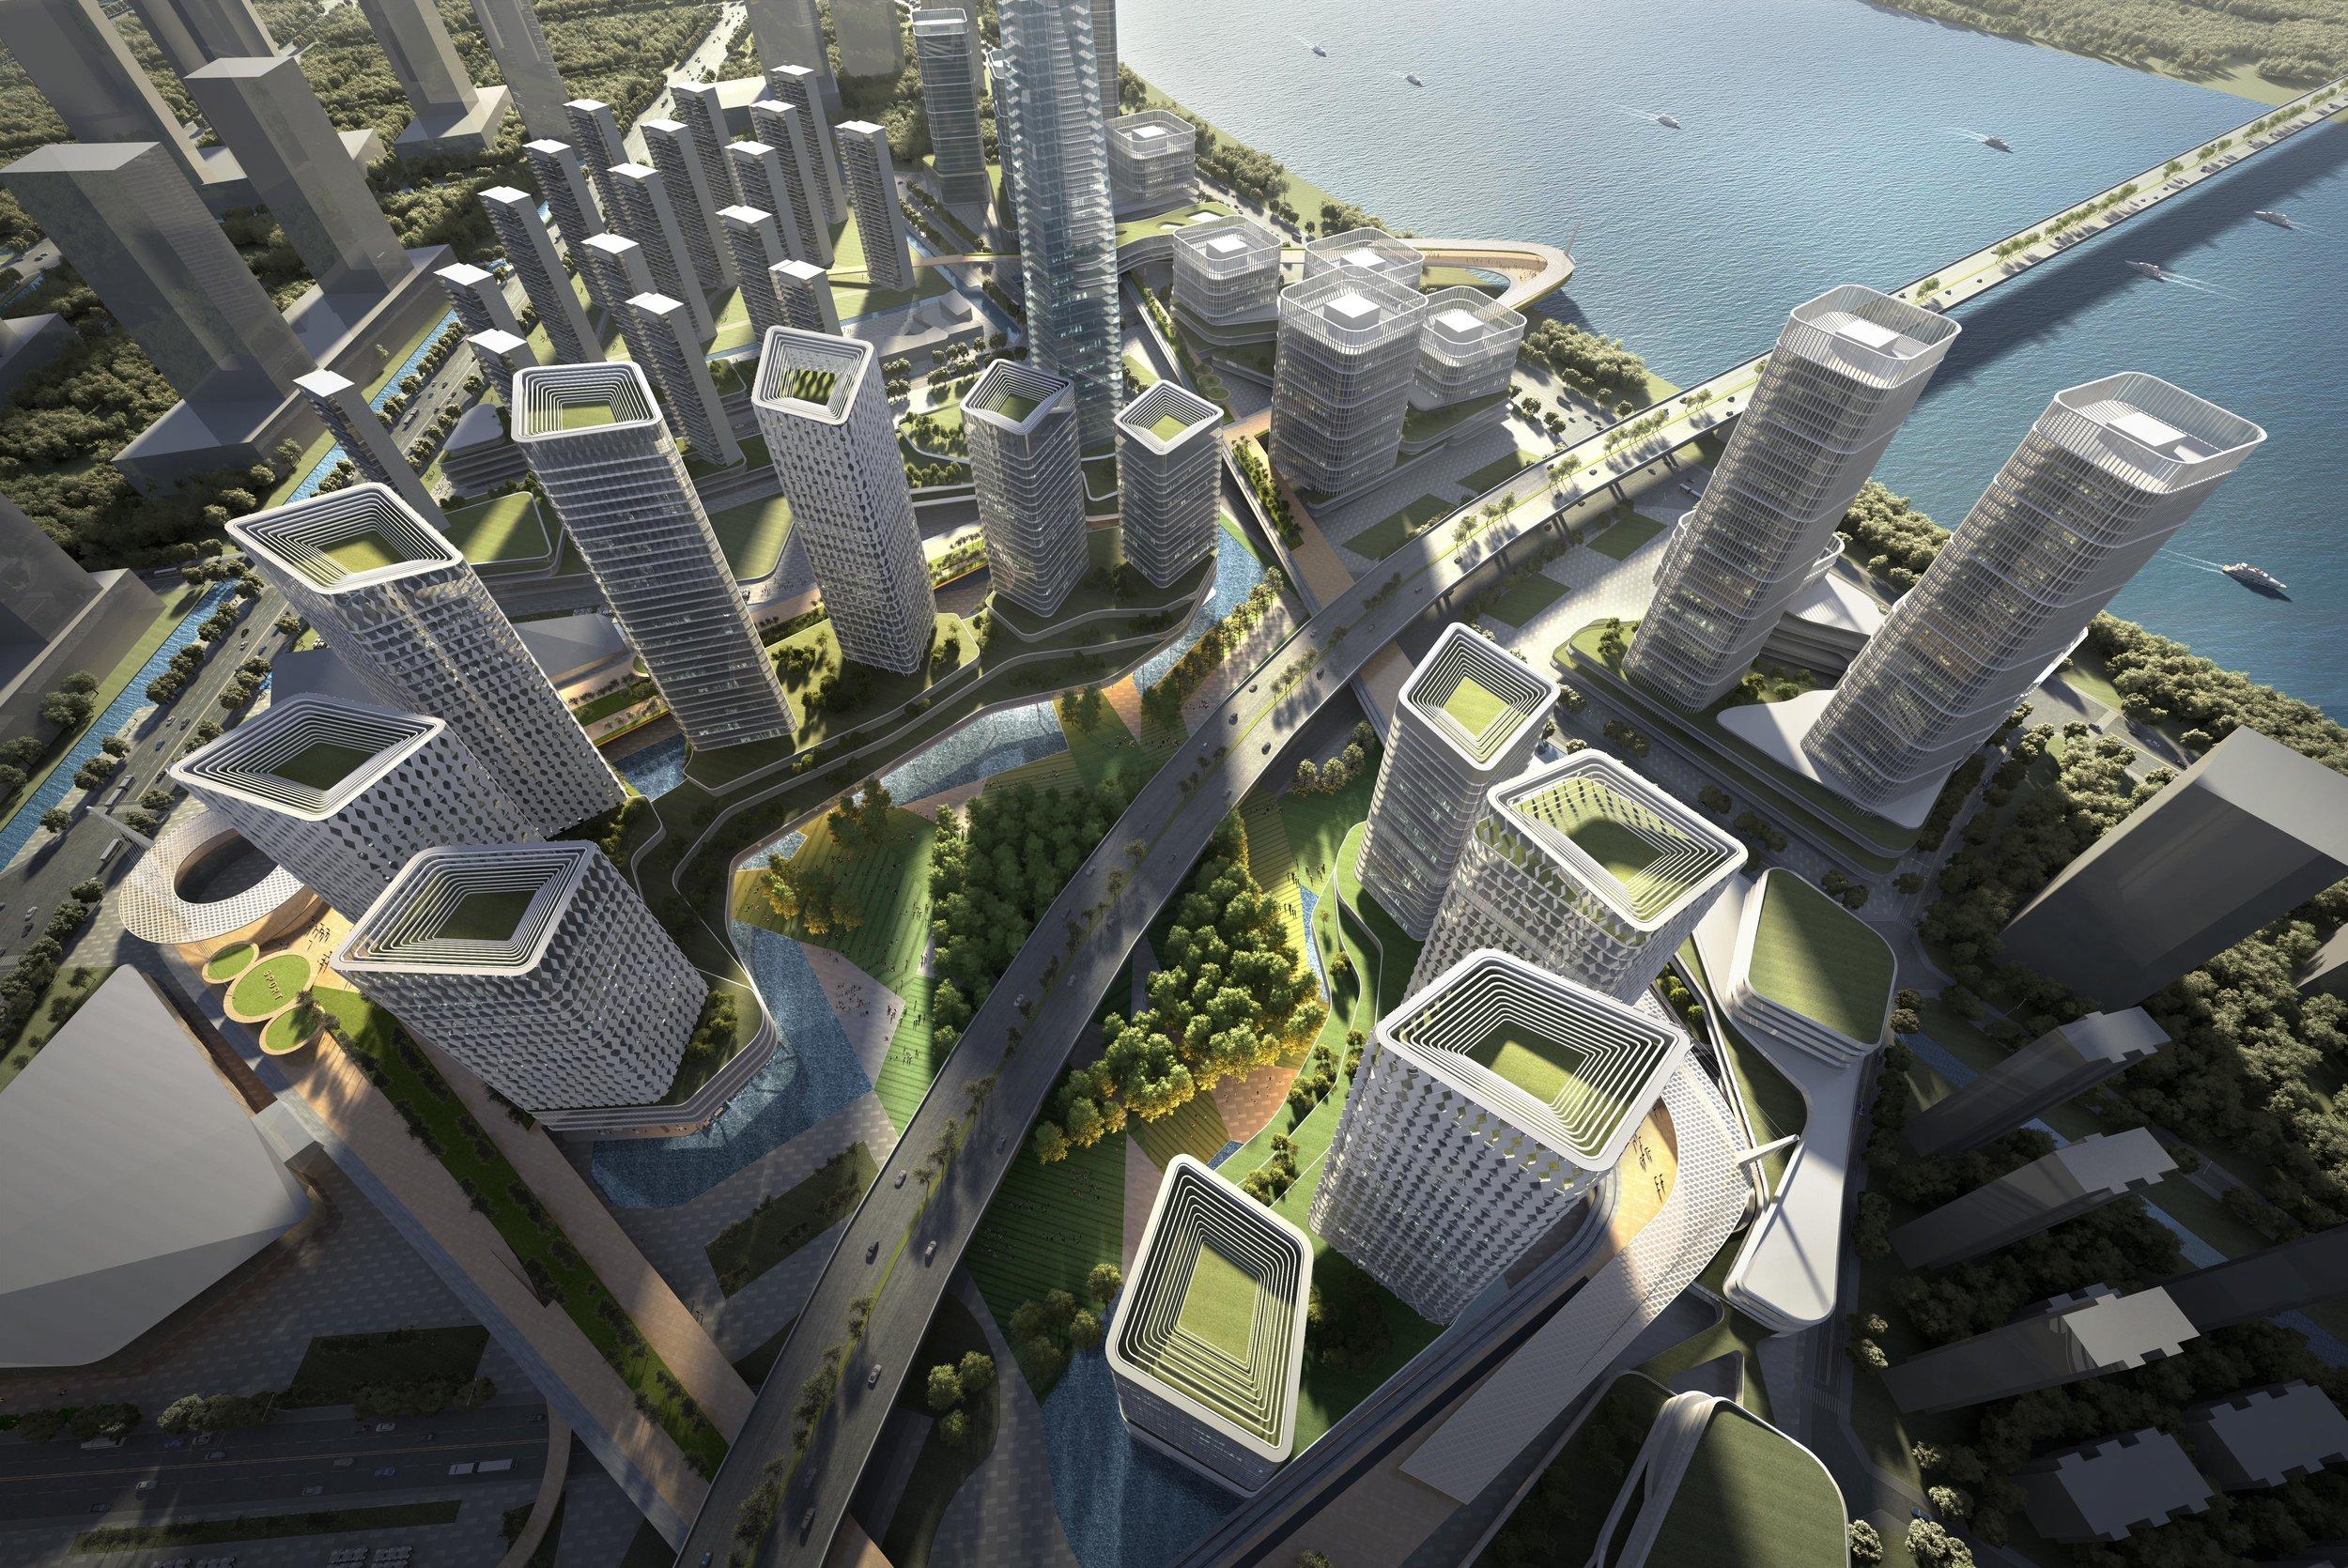 Hengqin Science City